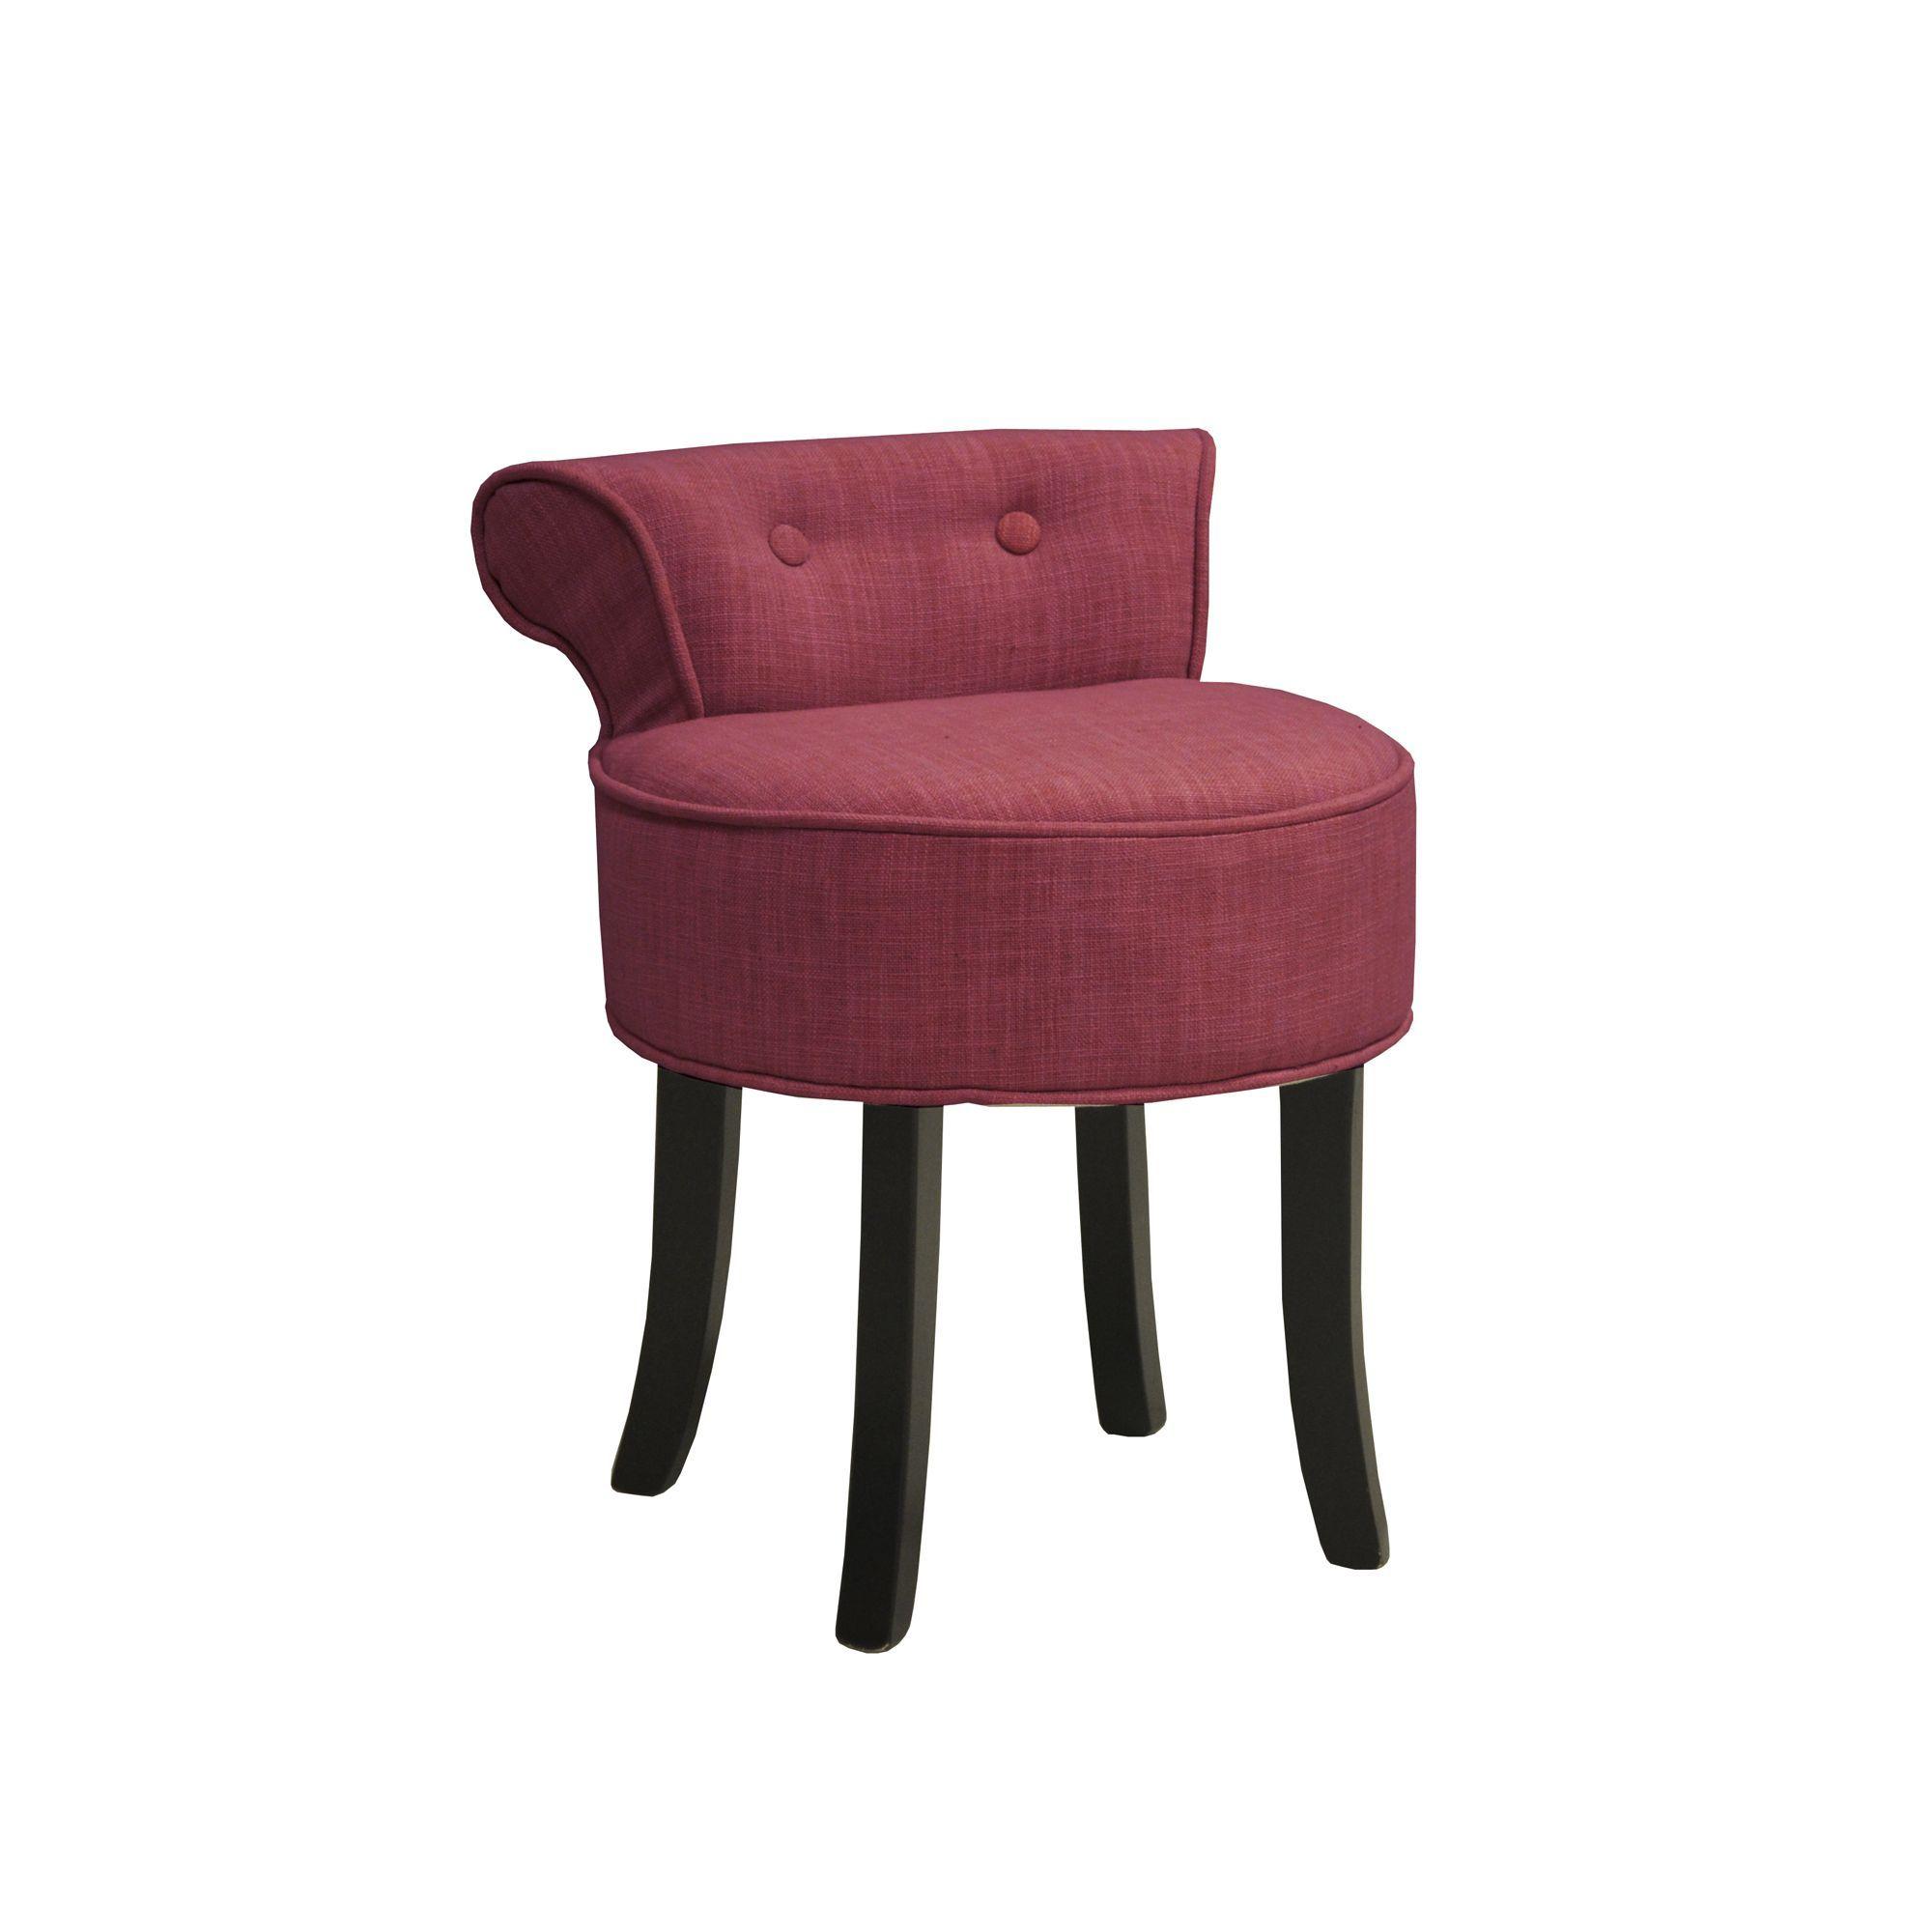 simple petit fauteuil boudoir rouge cerise cerise corazon les fauteuils fauteuils et poufs with. Black Bedroom Furniture Sets. Home Design Ideas